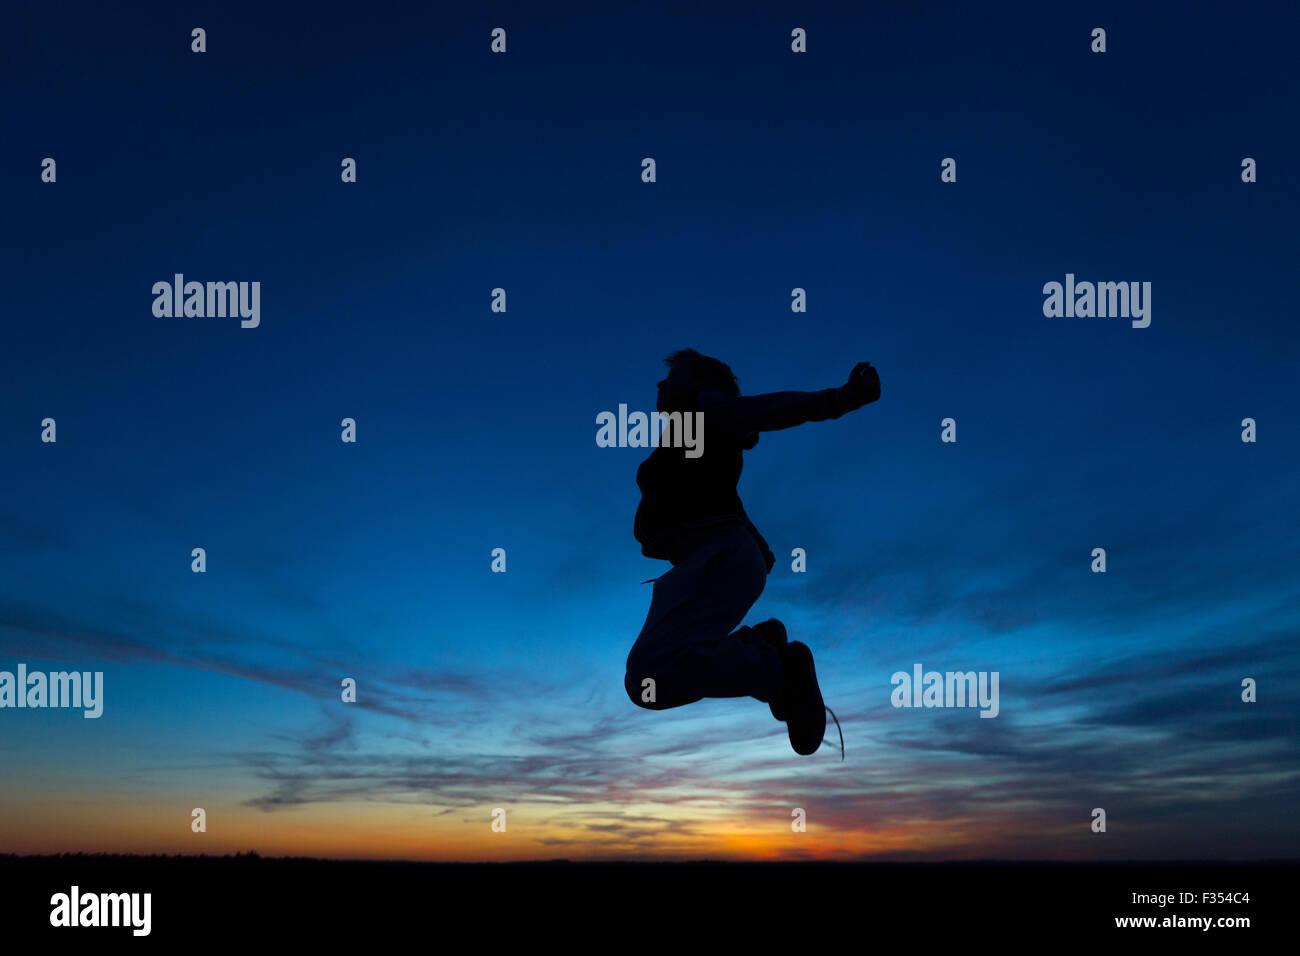 Silhouette di un ragazzo giocando fuori al tramonto Immagini Stock